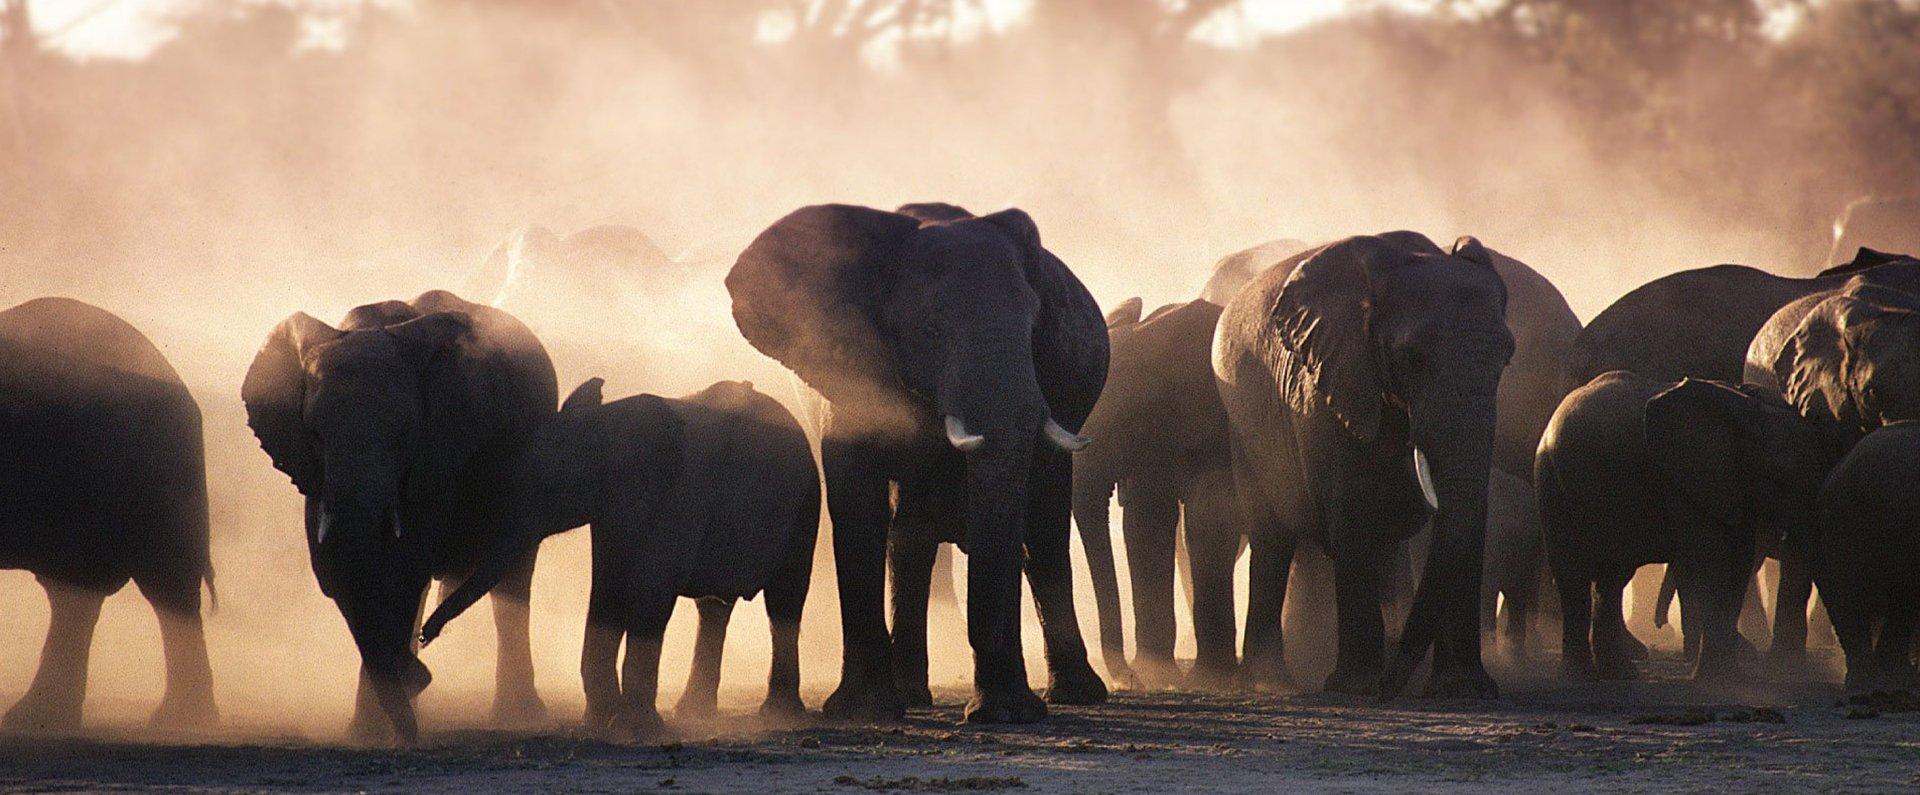 Victoria-Falls-Hotel-Elephant